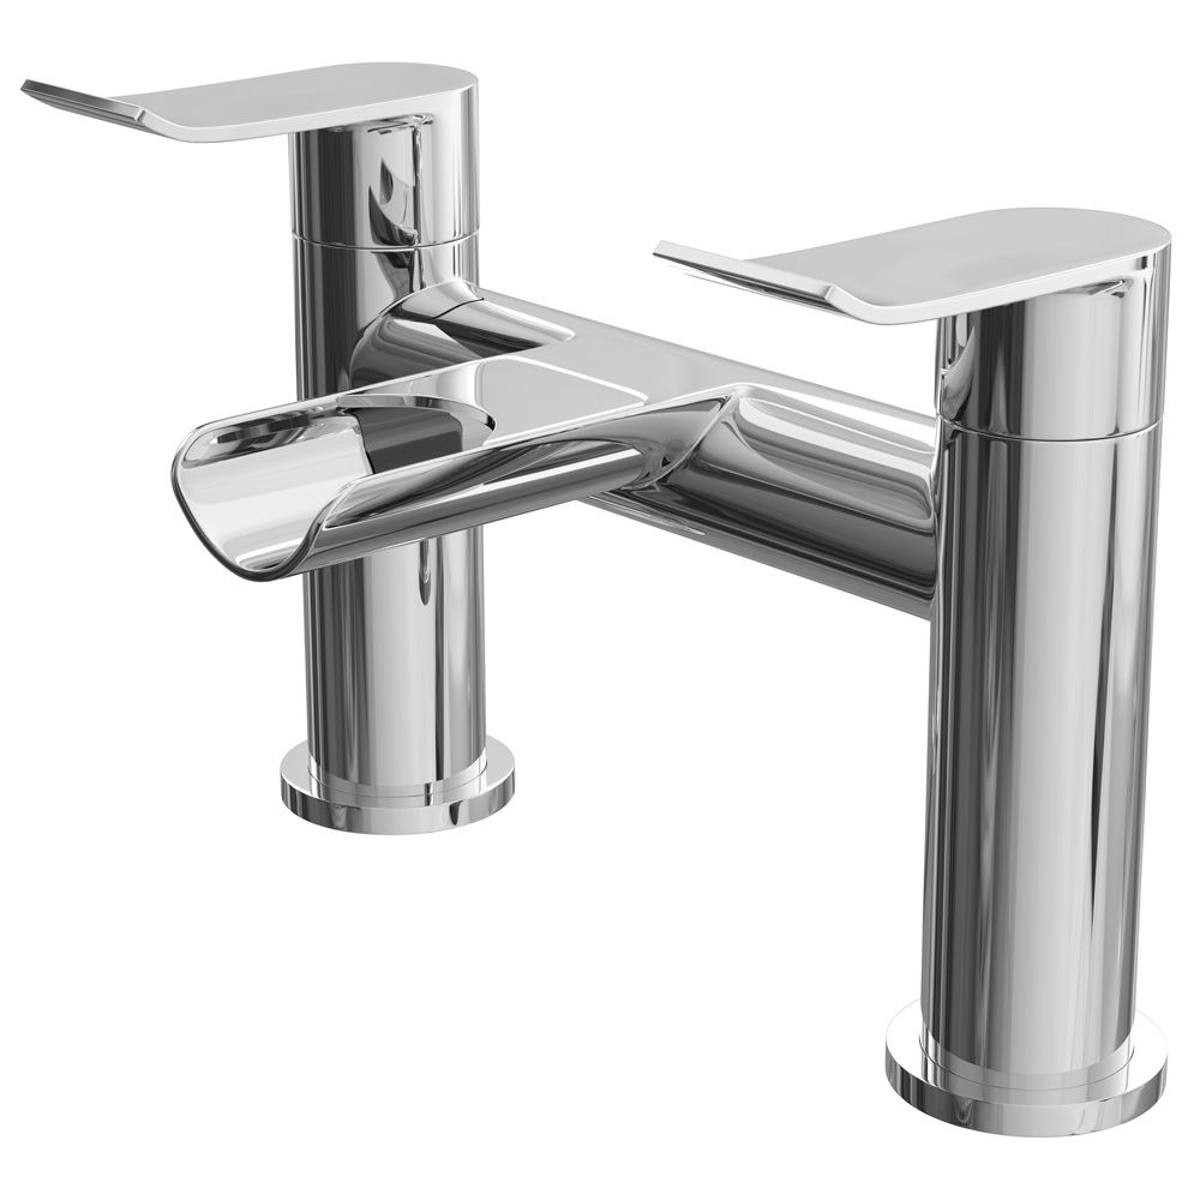 Zenith Series 6 Bath Filler Tap